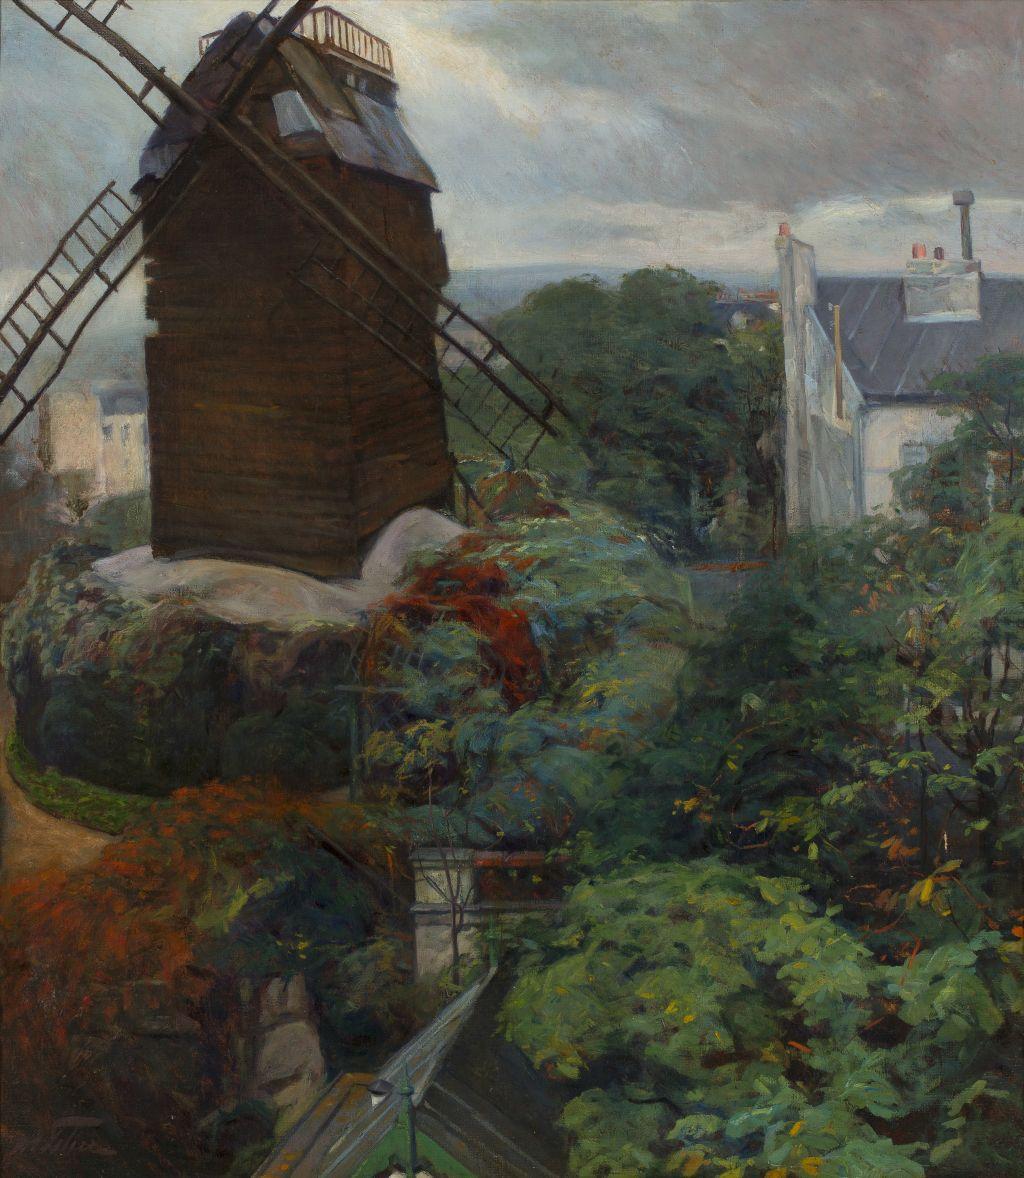 El Moulin de la Galette des de l'estudi del pintor, Manuel Feliu de Lemus